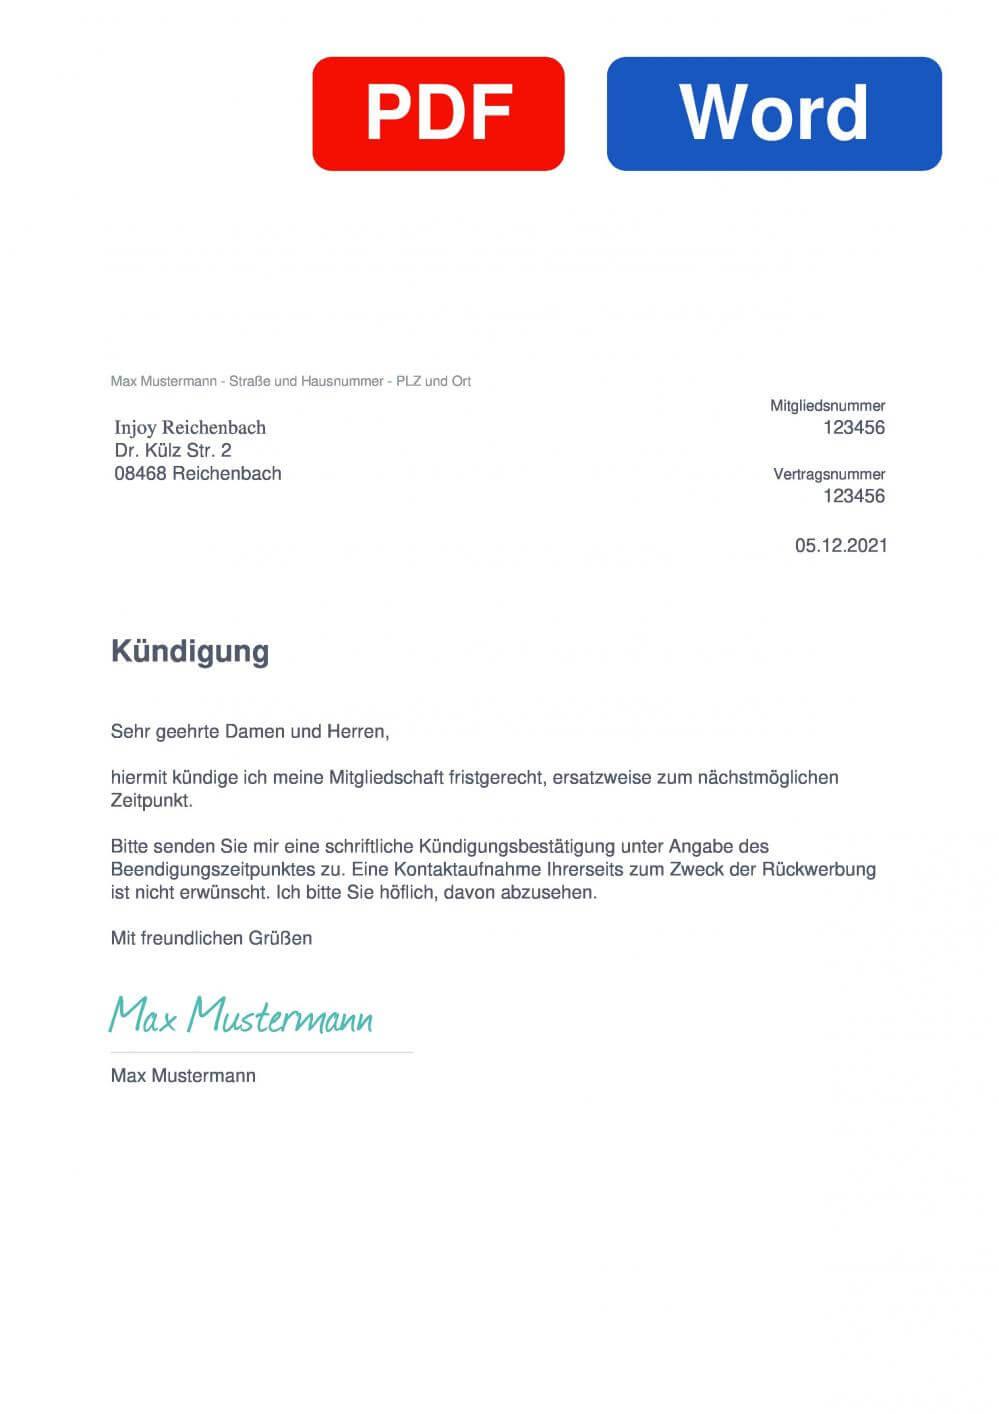 INJOY Reichenbach Muster Vorlage für Kündigungsschreiben